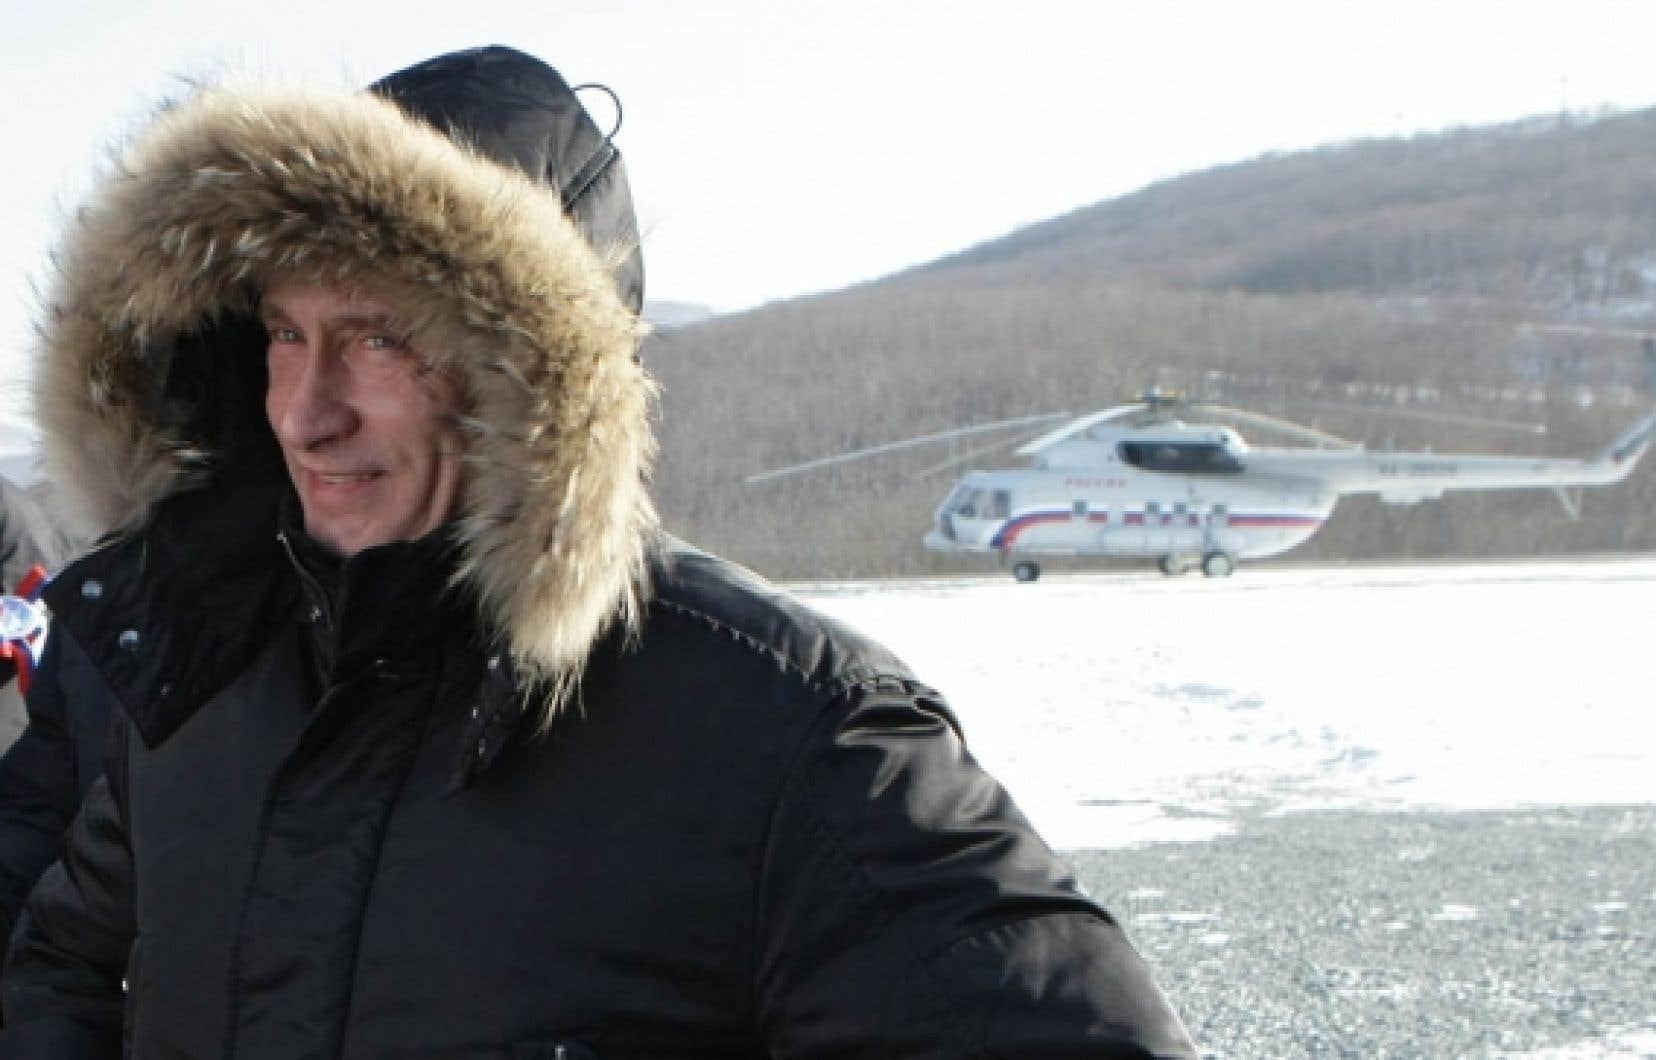 Lors de l'inauguration des nouvelles installations à Nakhodka, en Extrême-Orient russe, le premier ministre Vladimir Poutine a indiqué que le nouvel oléoduc allait permettre à la Rusie de pénétrer davantage le marché asiatique.